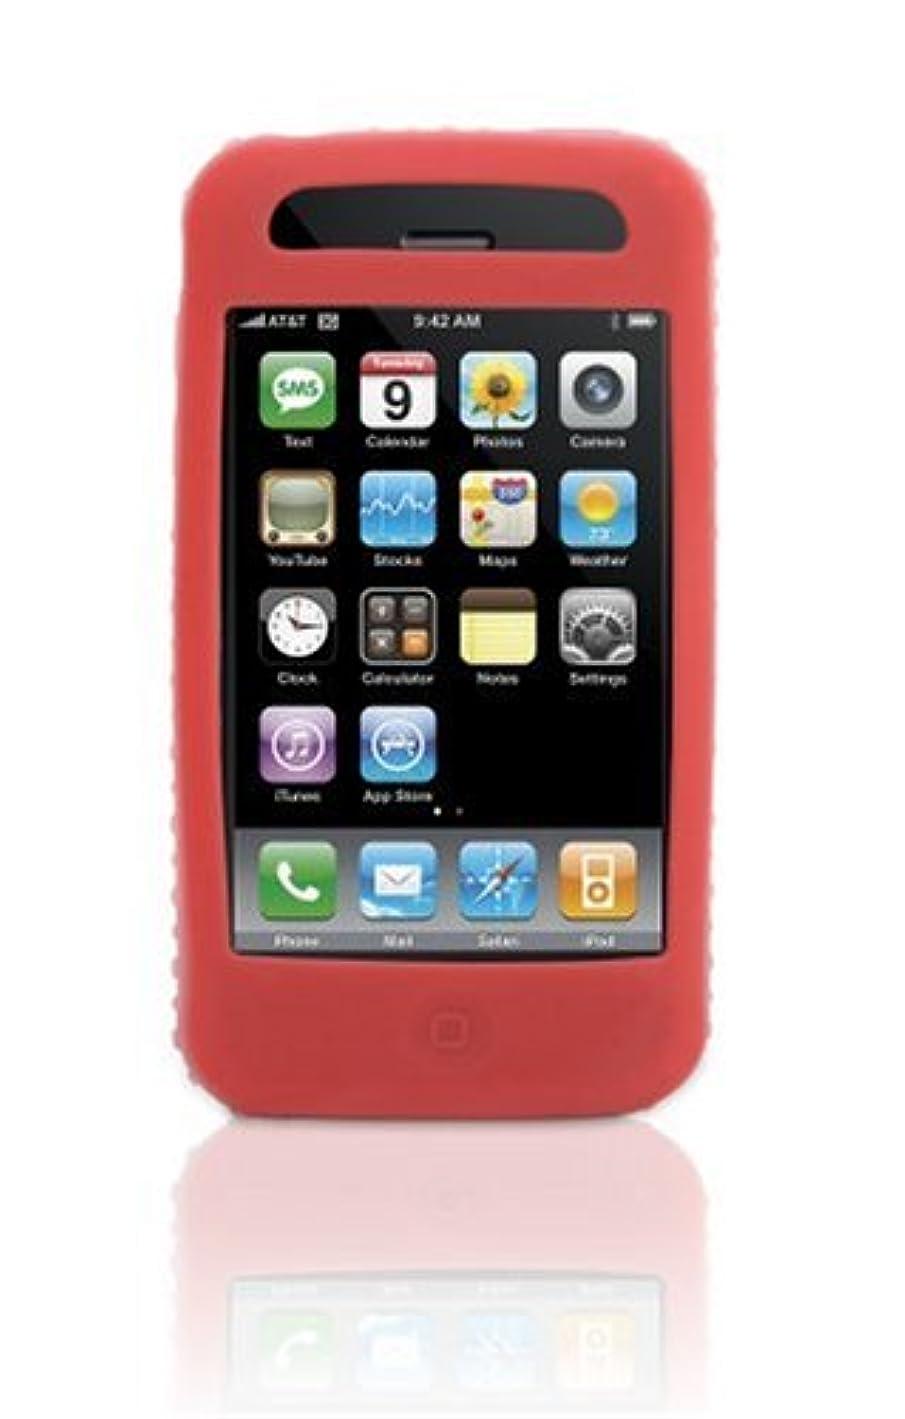 信号農業の届ける【国内正規品】 GRIFFIN iPhone3G用大小の突起を配置したグリップ感のあるシリコンケース FLEXGRIP-IP-RED